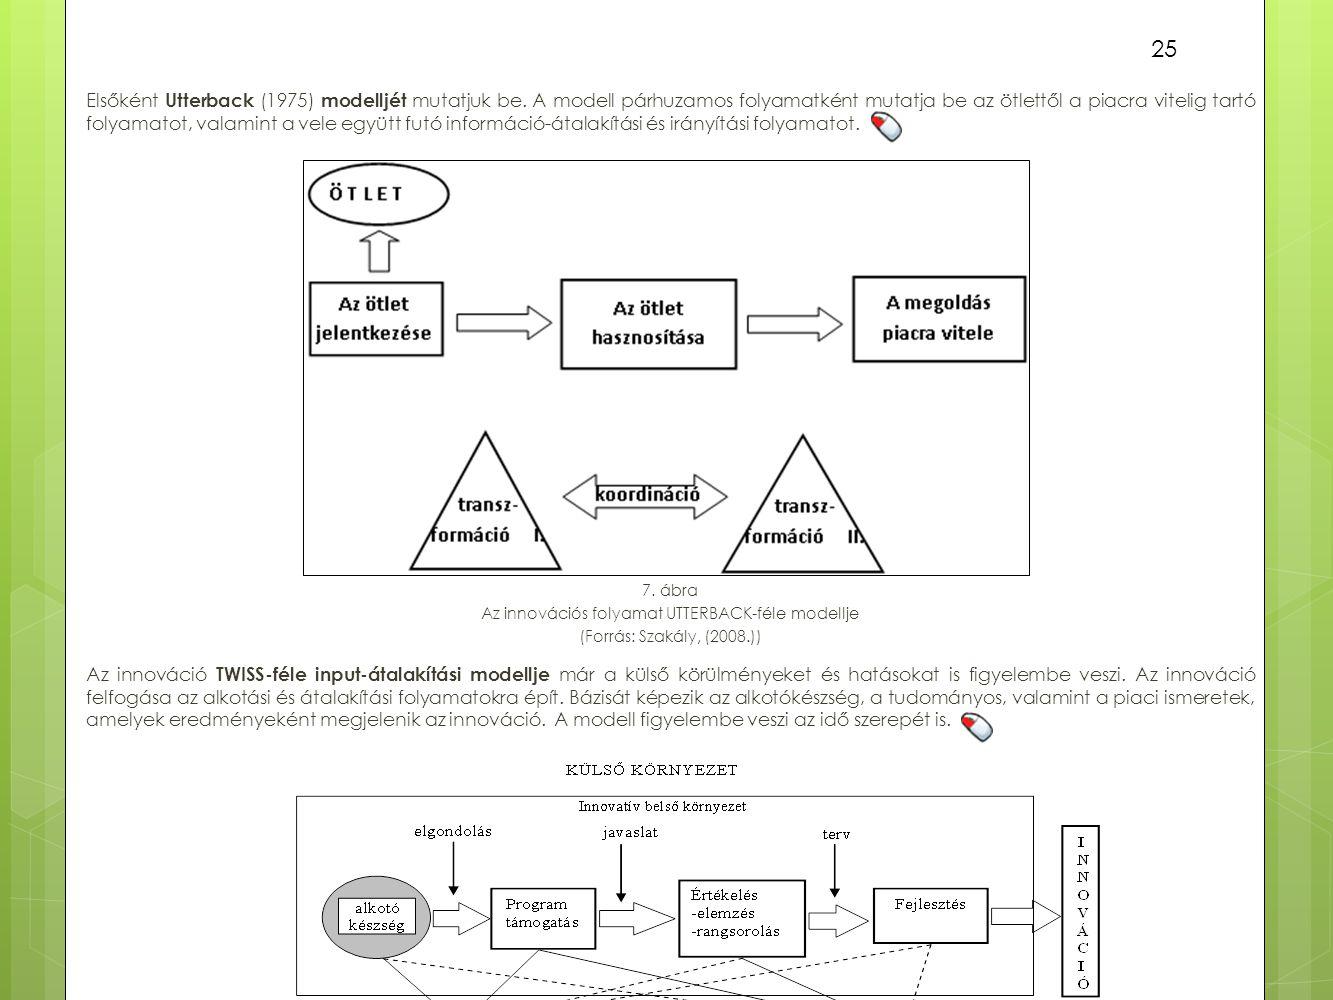 Elsőként Utterback (1975) modelljét mutatjuk be. A modell párhuzamos folyamatként mutatja be az ötlettől a piacra vitelig tartó folyamatot, valamint a